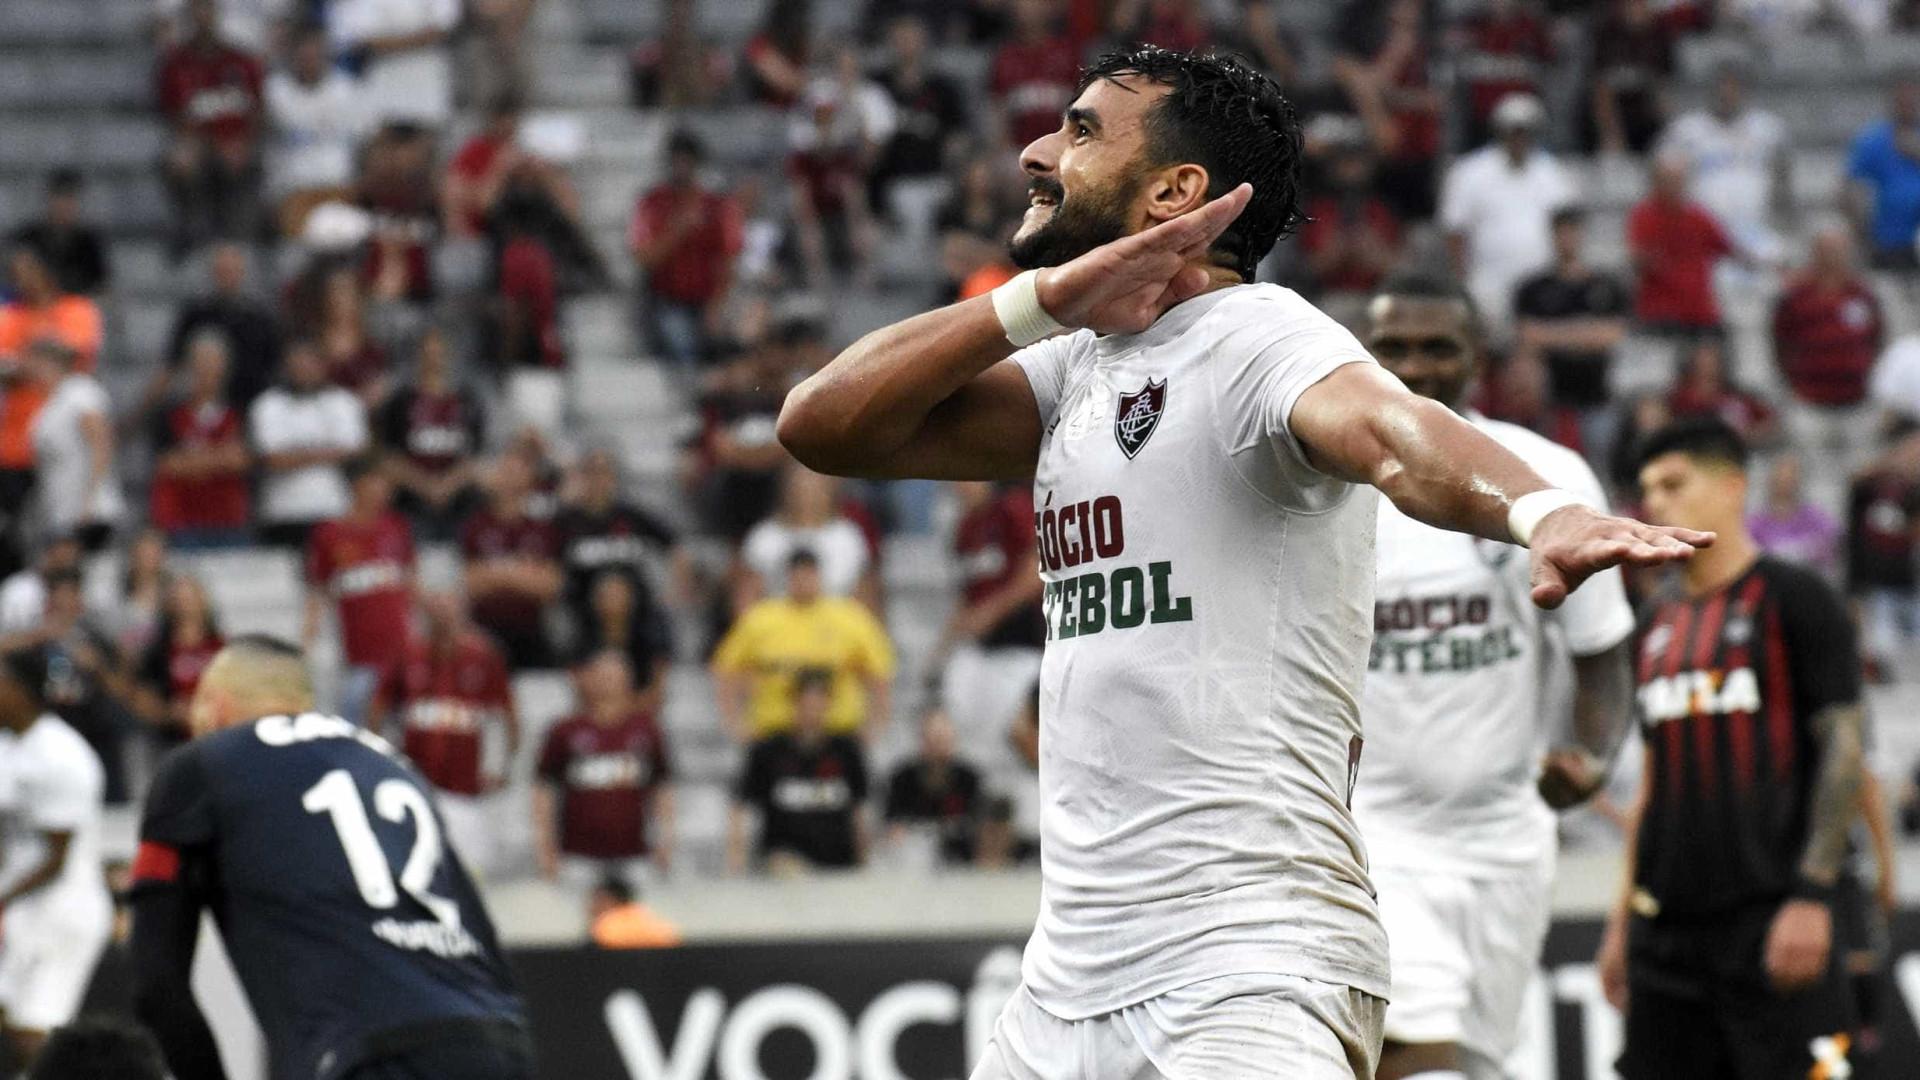 Flu aceita proposta do Corinthians por Henrique Dourado